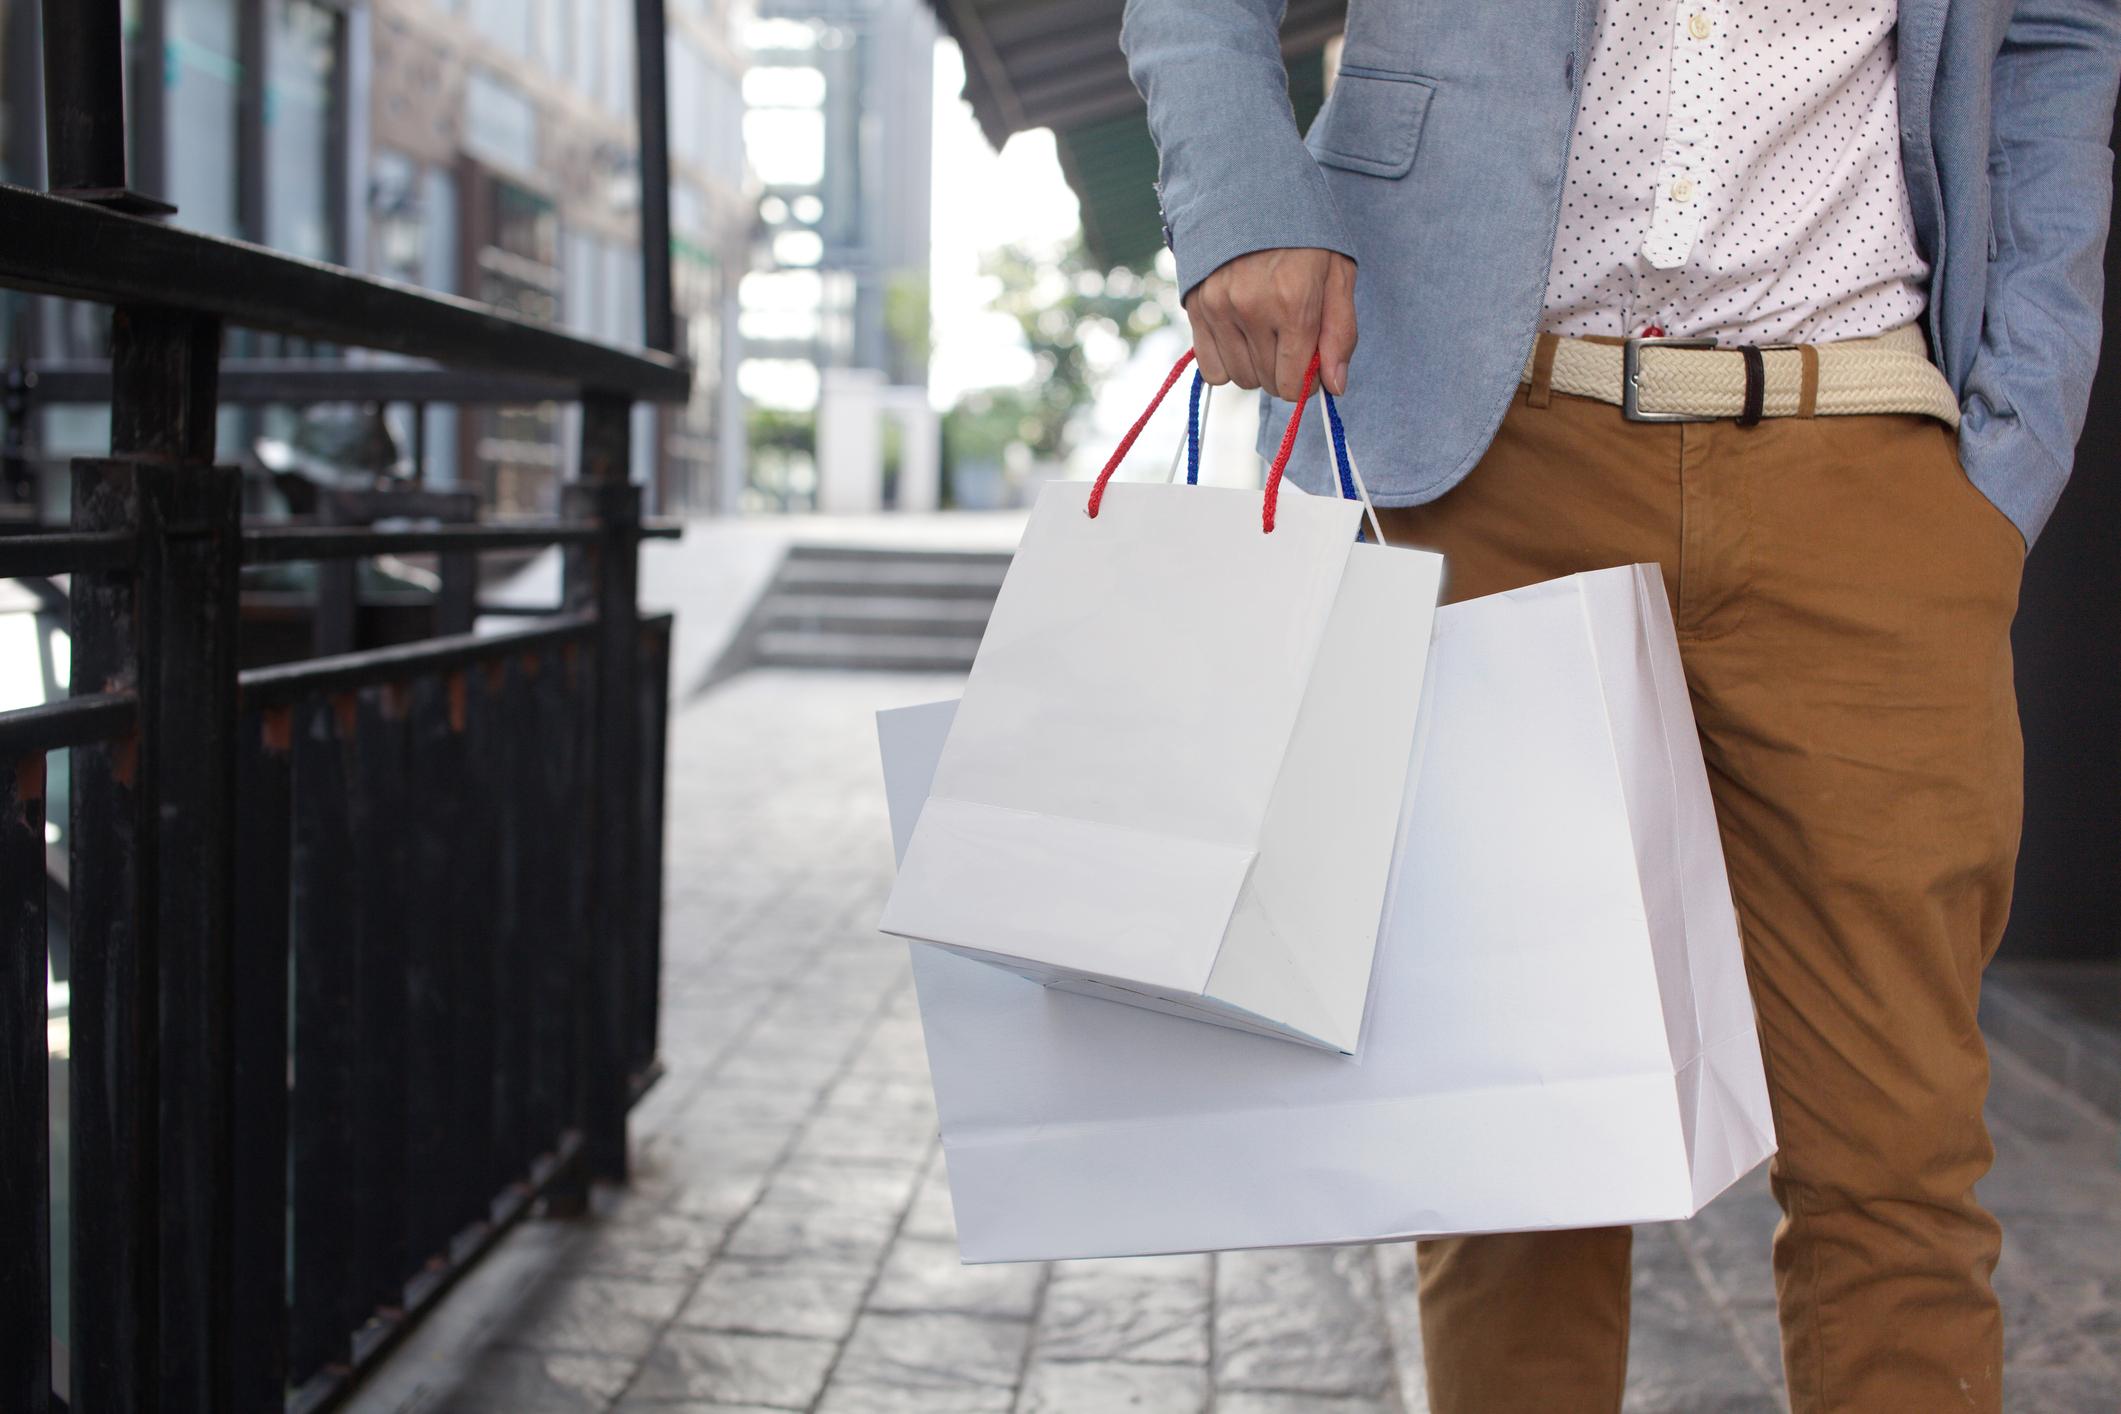 A man carries shopping bags.